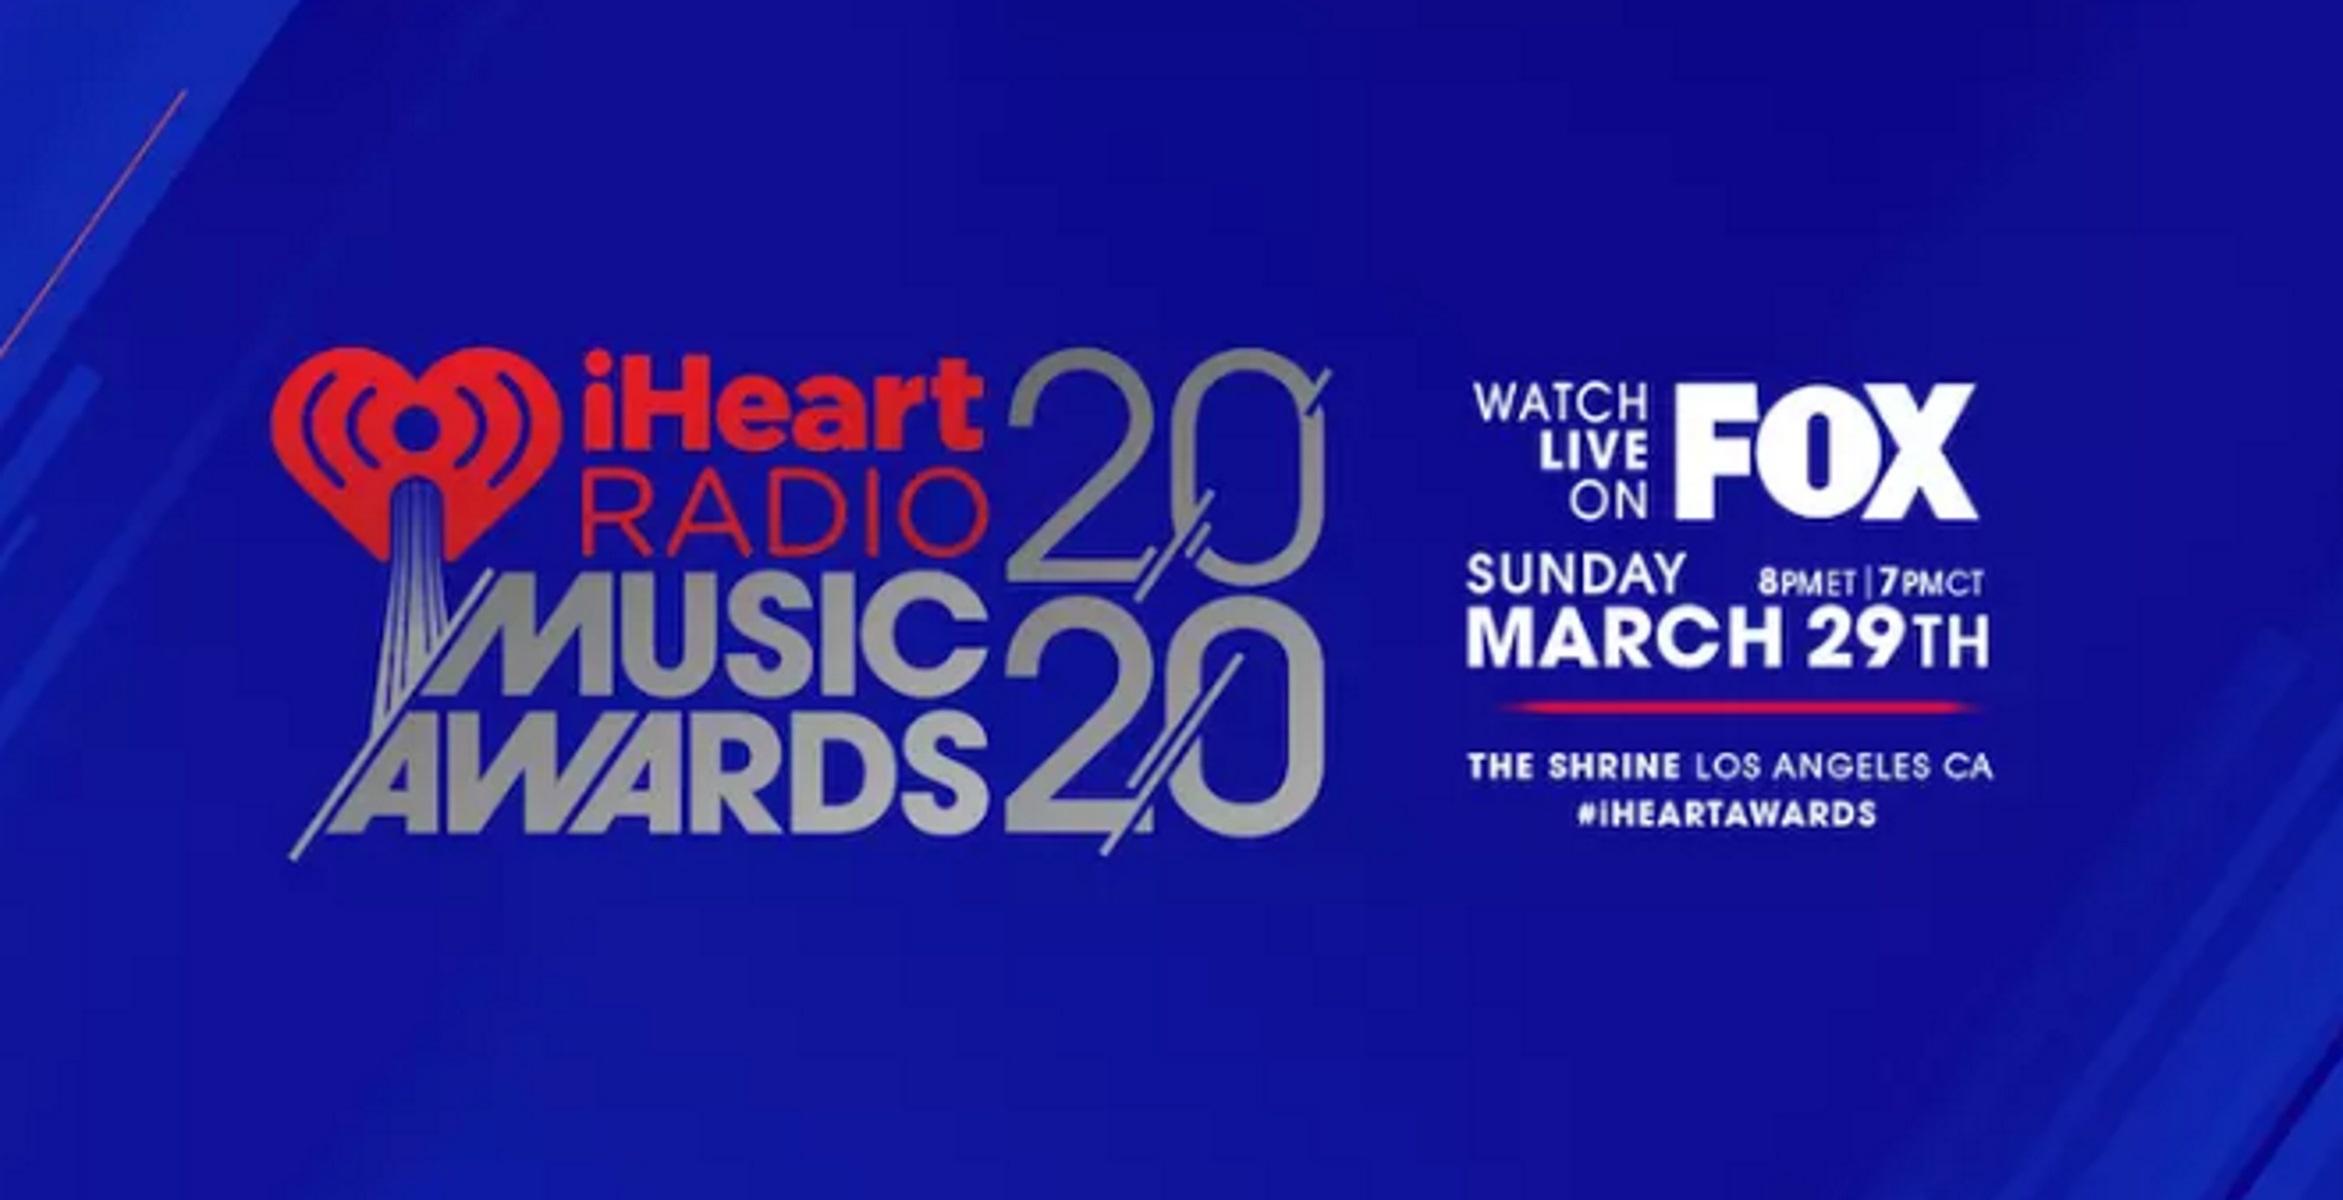 Αυτοί έχουν τις περισσότερες υποψηφιότητες στα μουσικά βραβεία iHeartRadio 2020